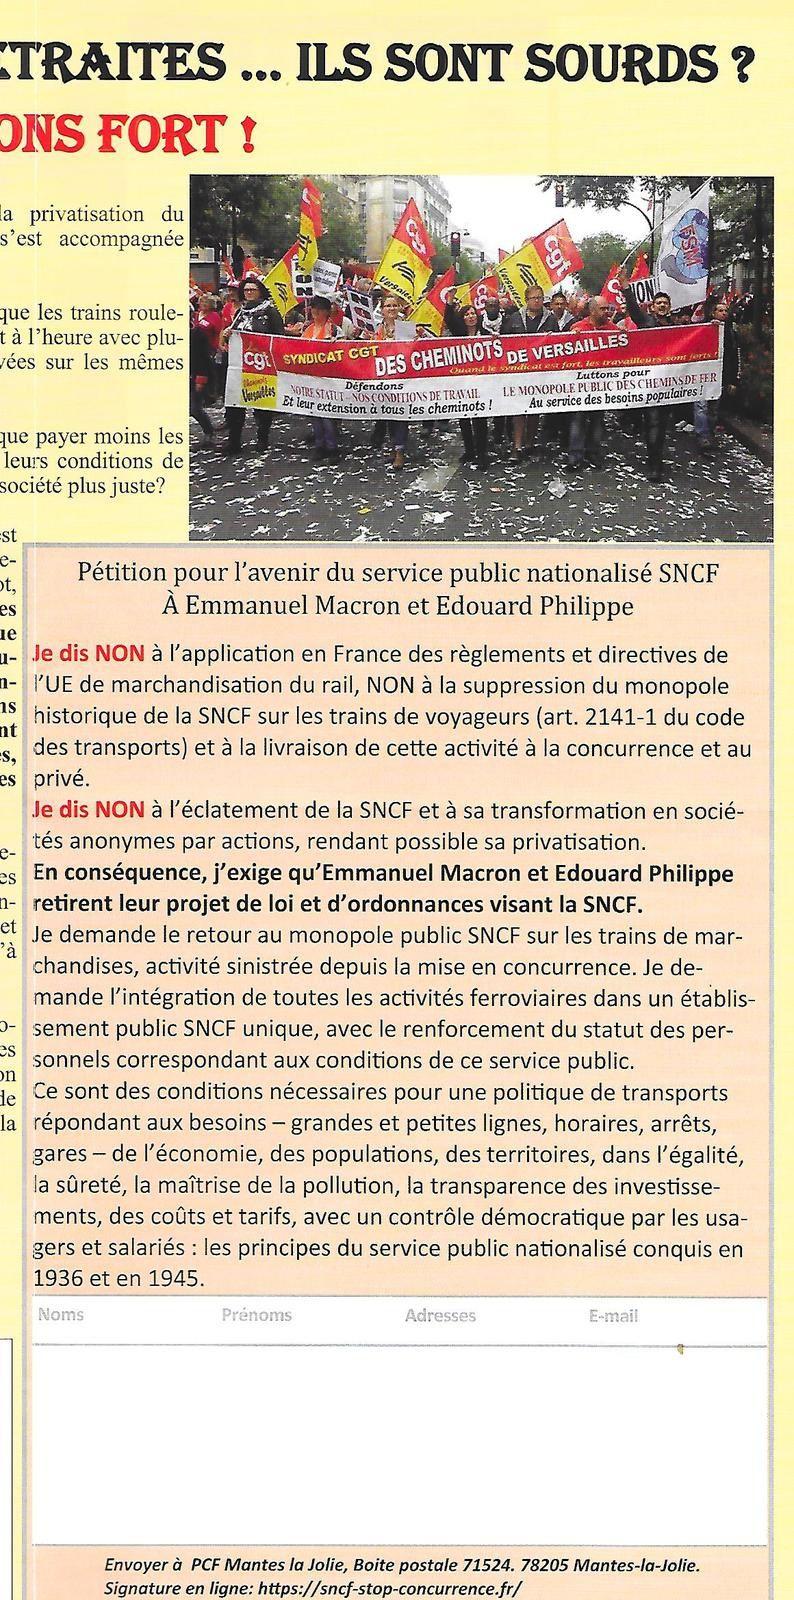 Salaires, SNCF, Santé, retraites ... ils sont sourds? Ripostons fort !